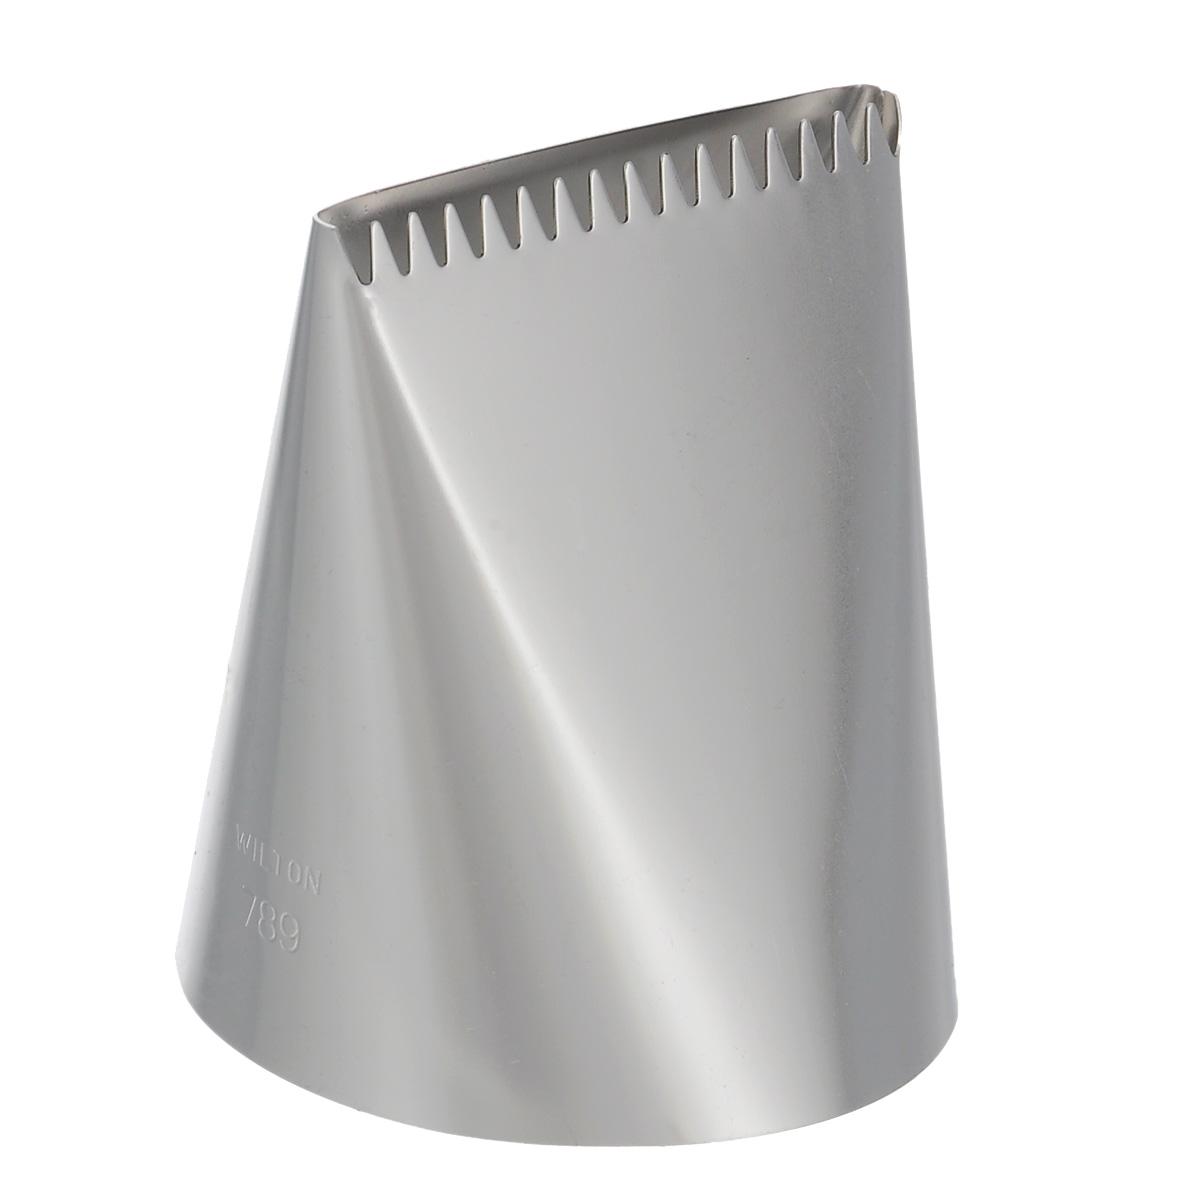 Насадка для кондитерского мешка Wilton, на подвесе, №78954 009303Насадка для кондитерского мешка Wilton изготовлена из металла. Она используется для украшения кондитерских изделий и крепится стандартным фиксатором насадок. С ее помощью можно быстро нанести айсинг на торт! Насадка вместе с кондитерским мешком поможет создать на выпечке удивительные рисунки кремом. С этой насадкой готовить станет намного удобнее!Можно мыть в посудомоечной машине. Диаметр основания насадки: 5 см. Длина насадки: 6 см.